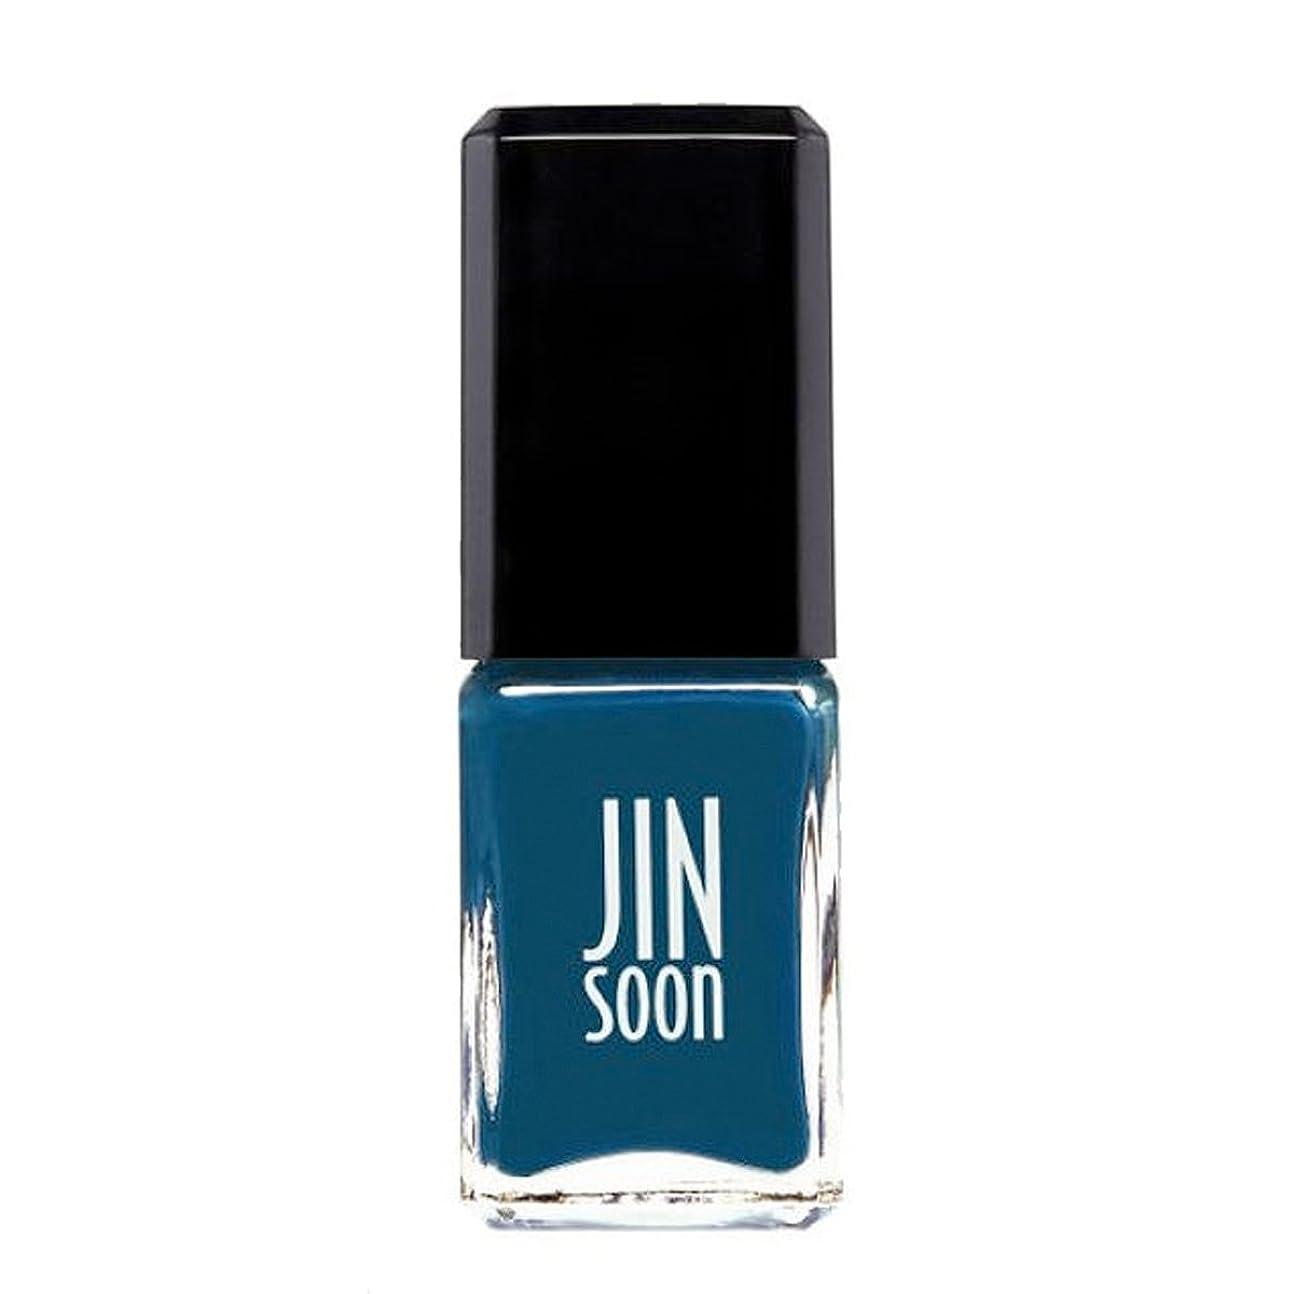 感度割り当てる長いです[ジンスーン] [ jinsoon] ボウ(ティールブルー) BEAU ジンスーン 5フリー ネイルポリッシュ ネイルカラー系統:ティールブルー teal blue 11mL